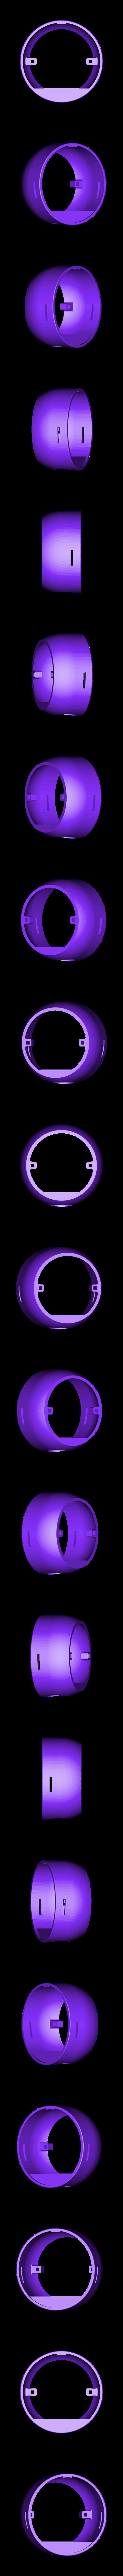 OrbA.STL Télécharger fichier STL gratuit La baguette de Marco • Plan pour imprimante 3D, Vexelius